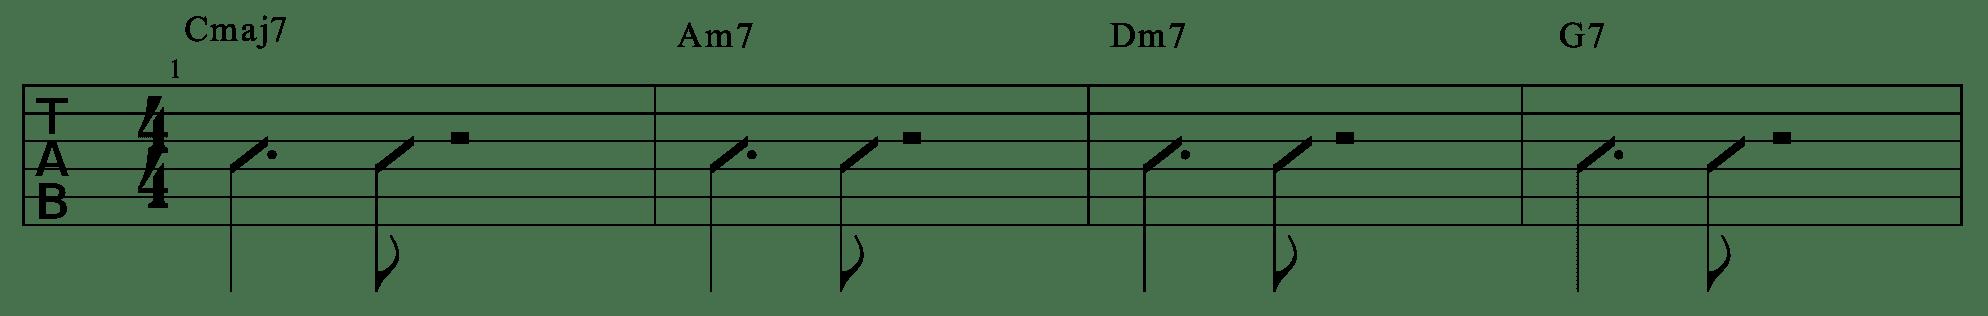 爵士吉他練習 範例四 比起上個練習多了更多的節奏變化